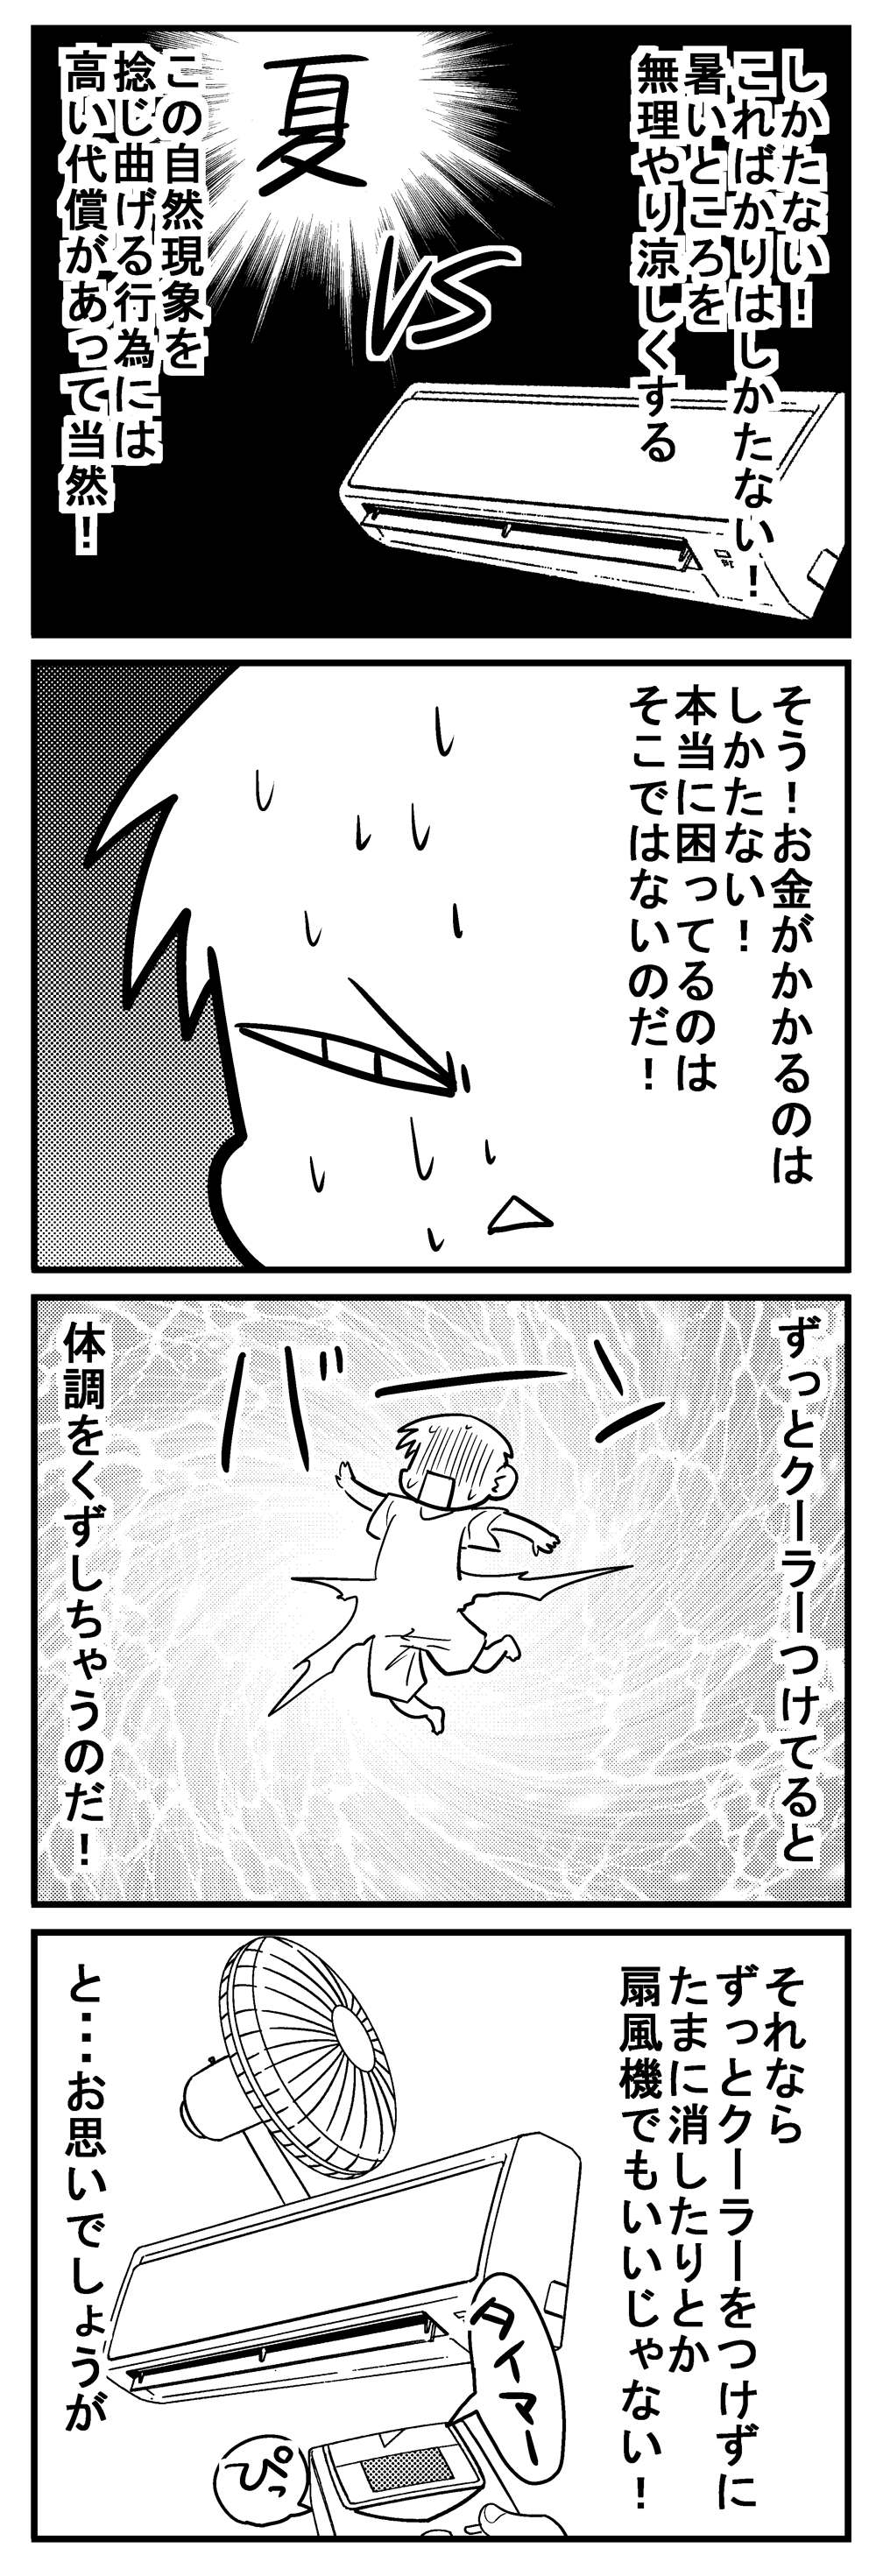 深読みくん64 2